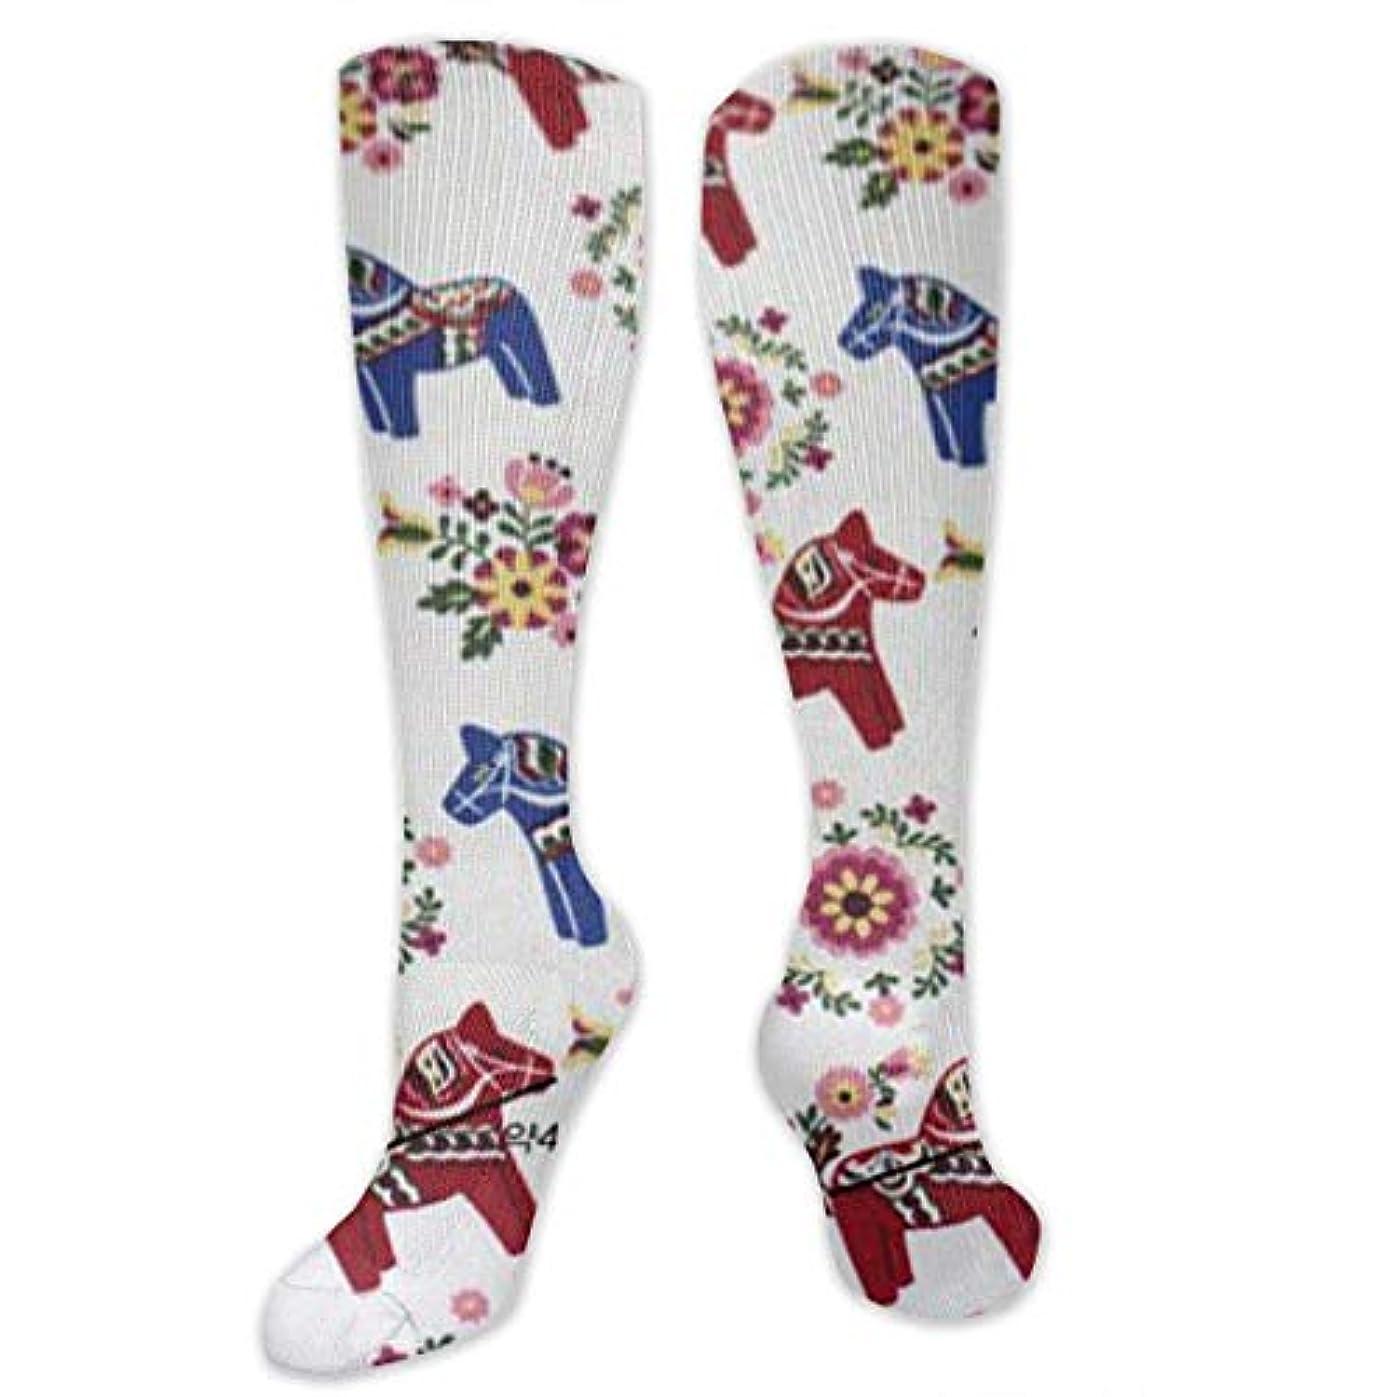 スティーブンソン寄生虫デモンストレーション靴下,ストッキング,野生のジョーカー,実際,秋の本質,冬必須,サマーウェア&RBXAA Floral Swedish Dala Horses Socks Women's Winter Cotton Long Tube Socks...